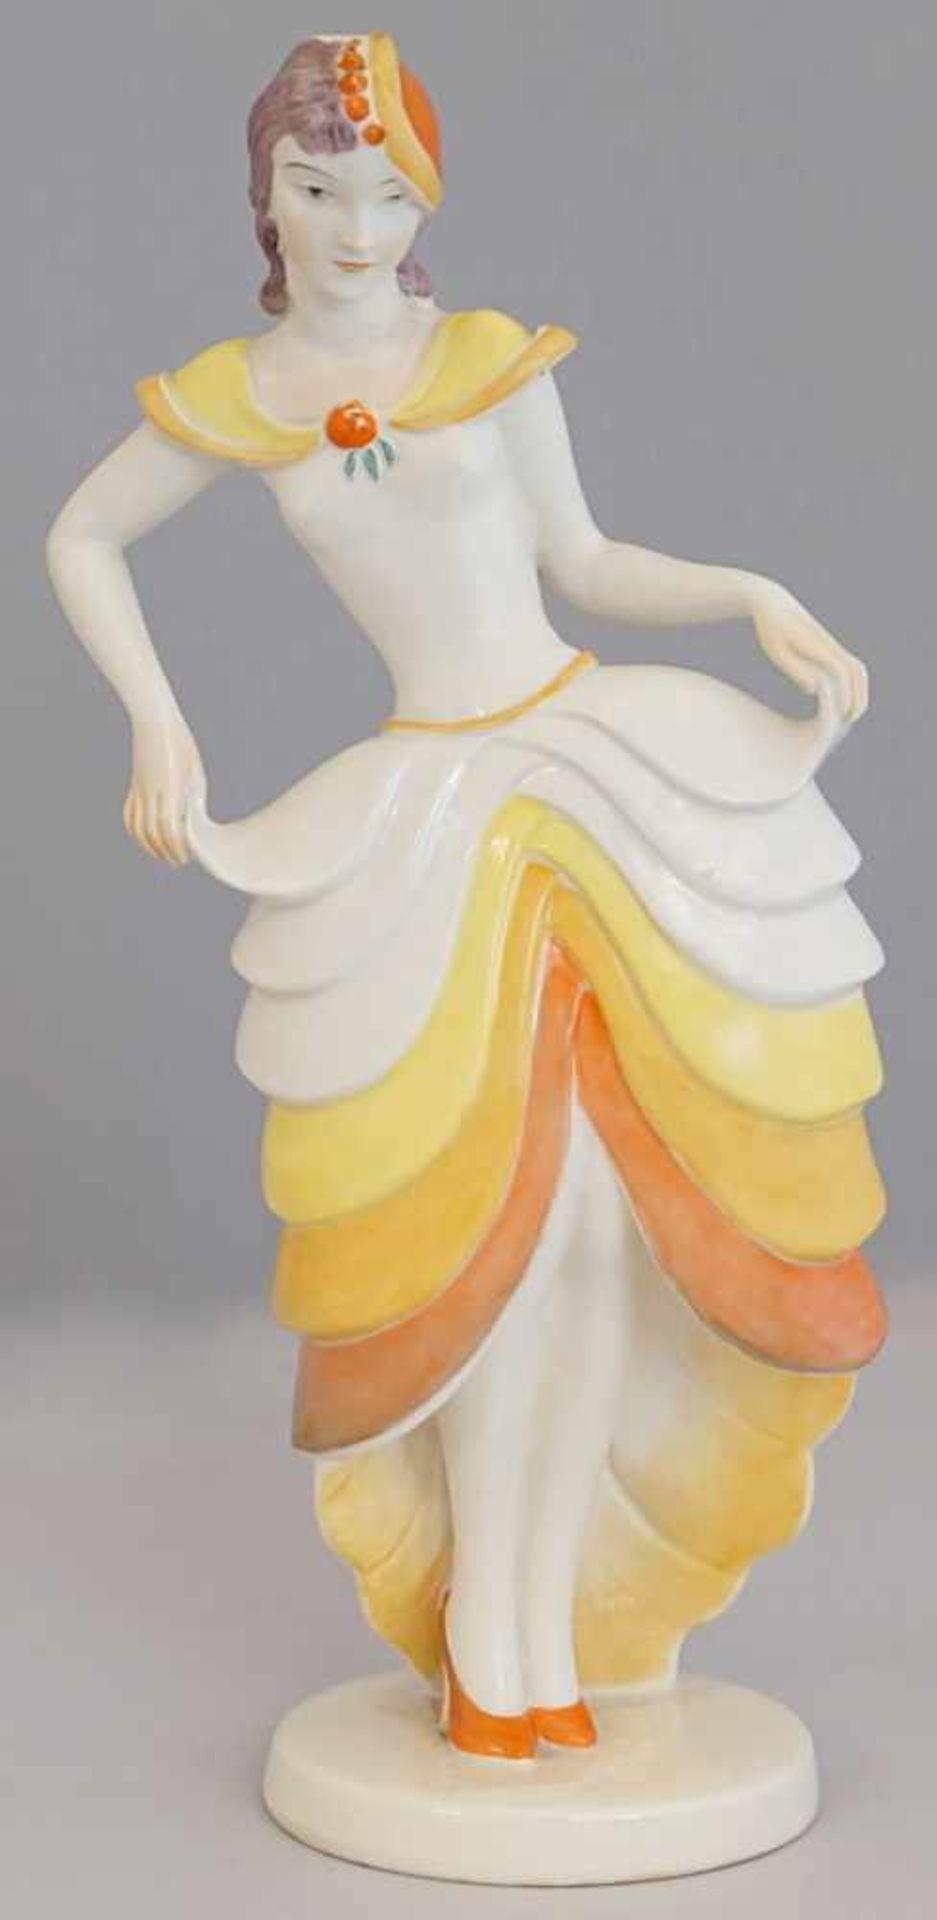 """Figur Porzellan ROSENTHAL """"Tänzerin"""" wohl 1920/30er JahreEntwurf Claire WEISS (wohl 1906-1997)"""